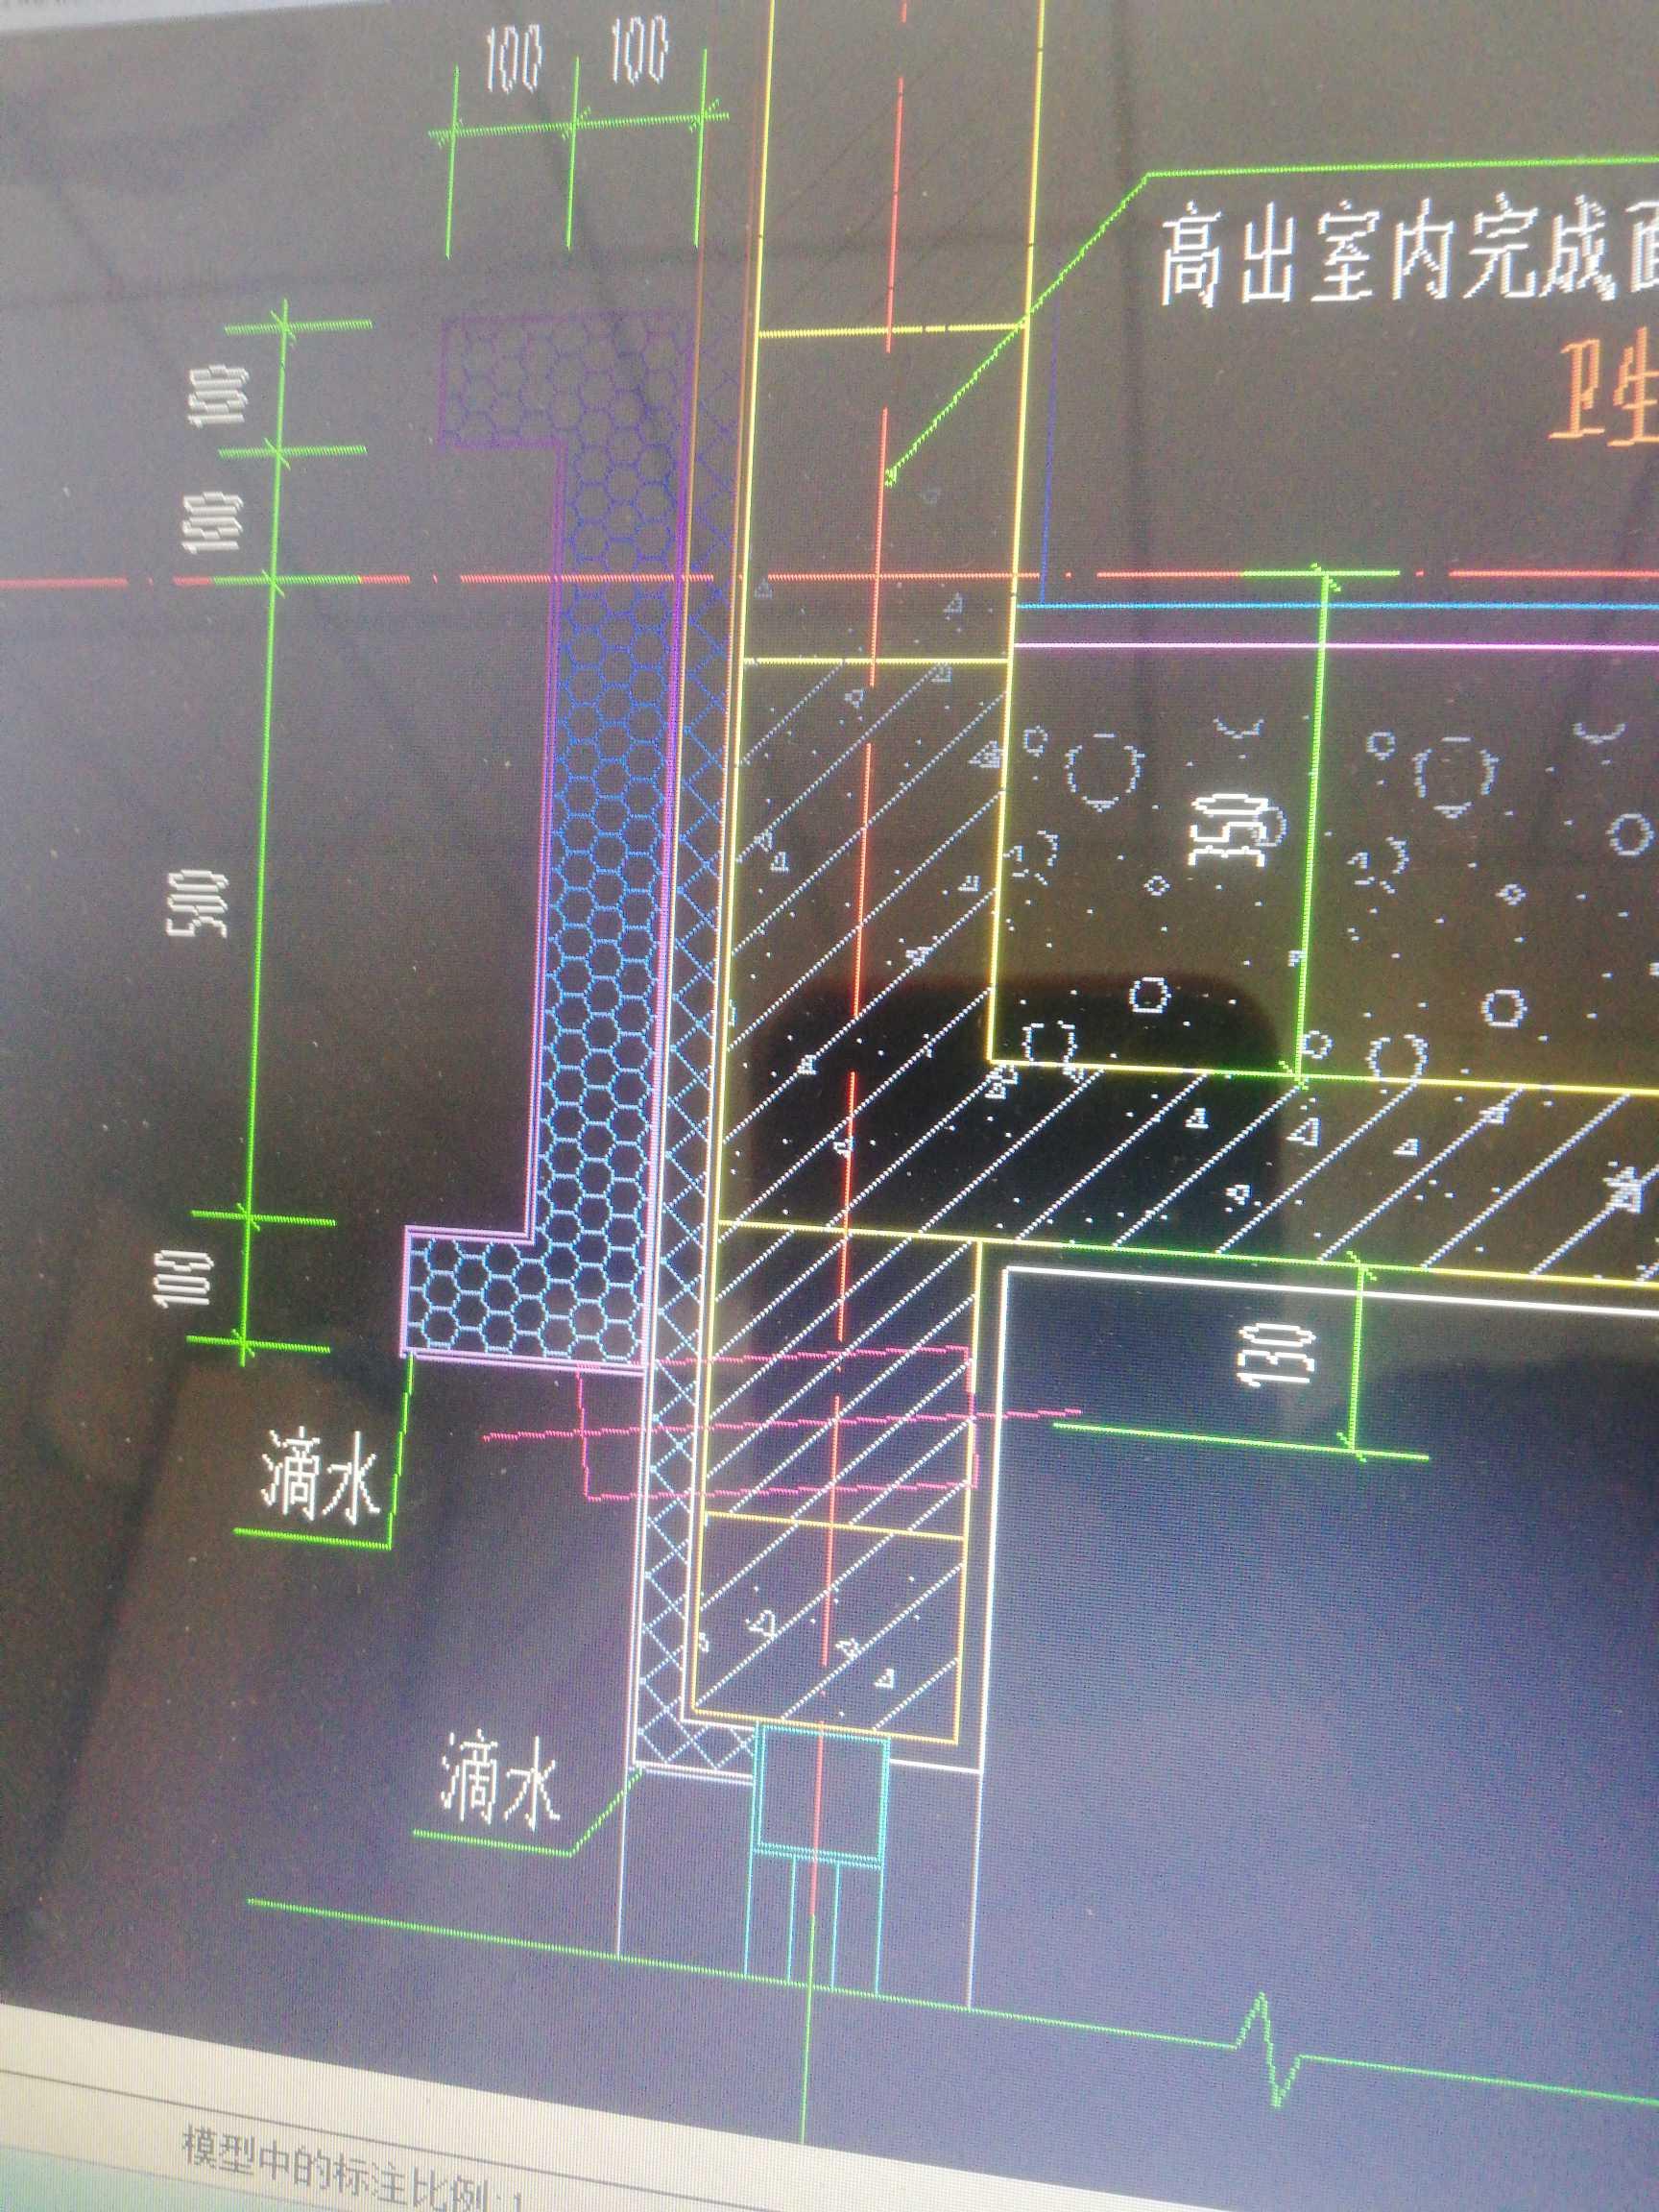 土建,江苏,答疑:建筑平面图上节点图中线脚下面的还是斜向举行方框该怎么理解?-江苏土建,